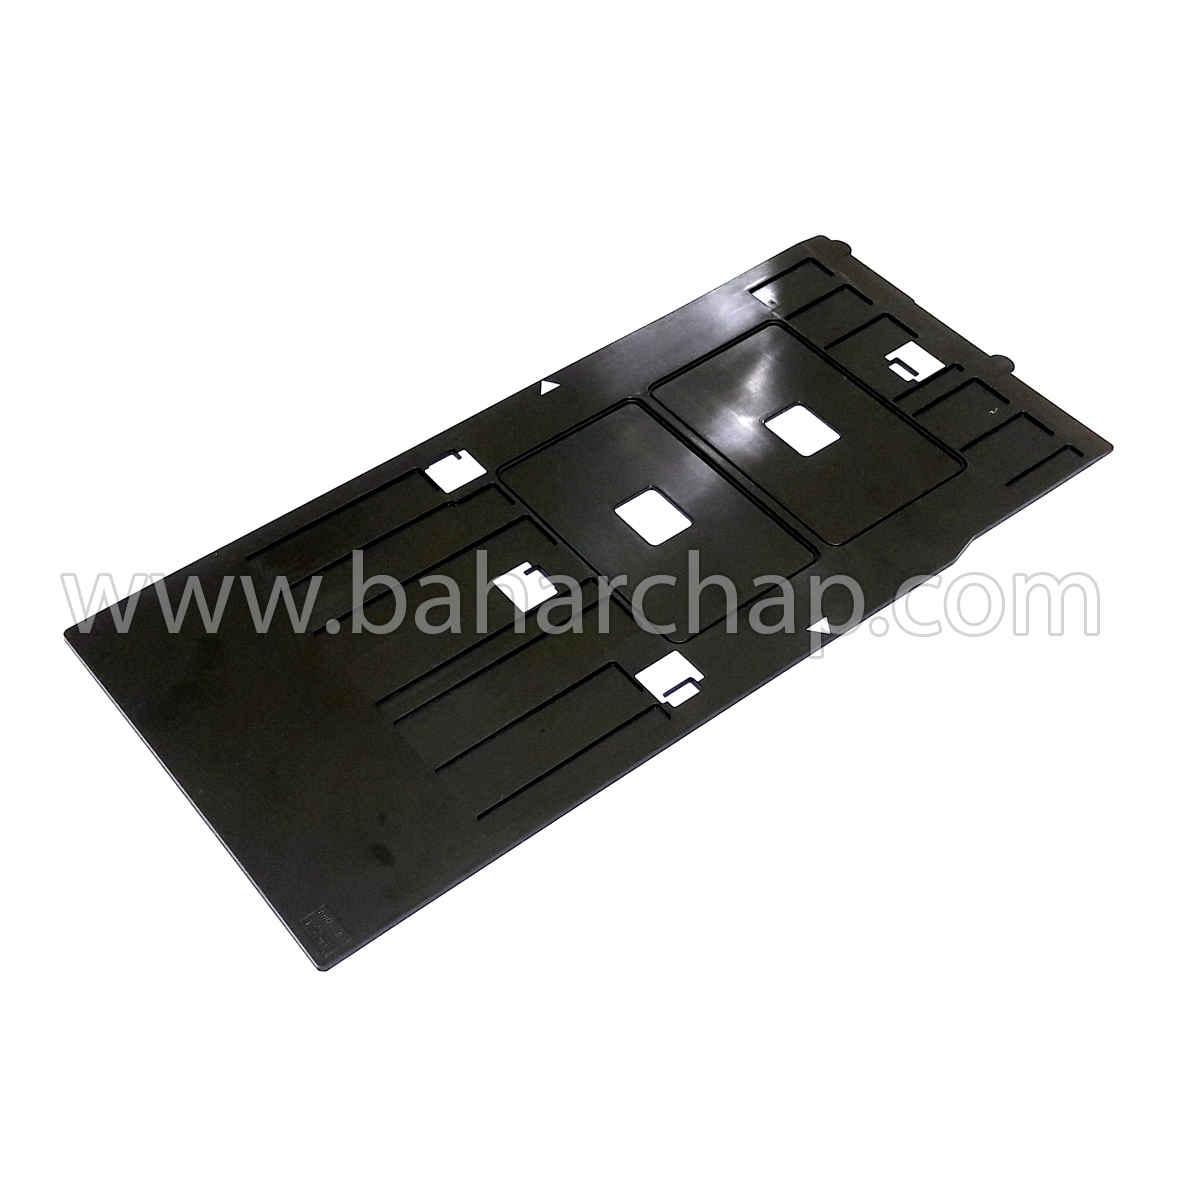 فروشگاه و خدمات اینترنتی بهارچاپ اصفهان-سینی مخصوص پرینت کارت PVC با اپسون R200,R210,R220,R230,R300-PVC-EPSON-ID-CARD-TRAY-EPSON-R200-R210-R220-R230-R300